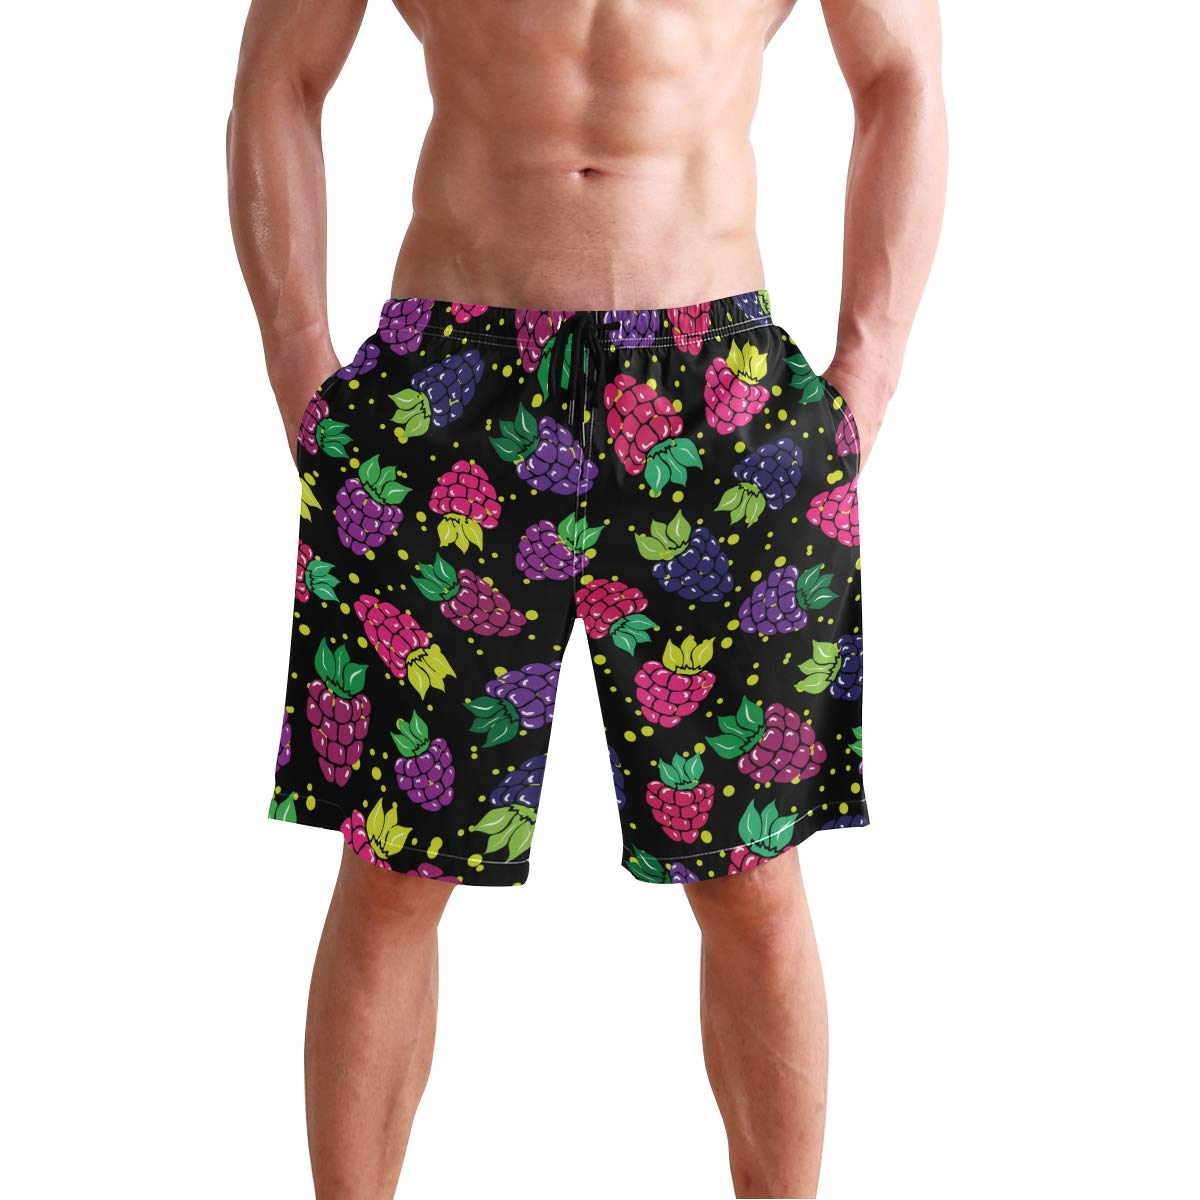 WIHVE Mens Beach Swim Trunks Wild Garden Berries Boxer Swimsuit Underwear Board Shorts with Pocket